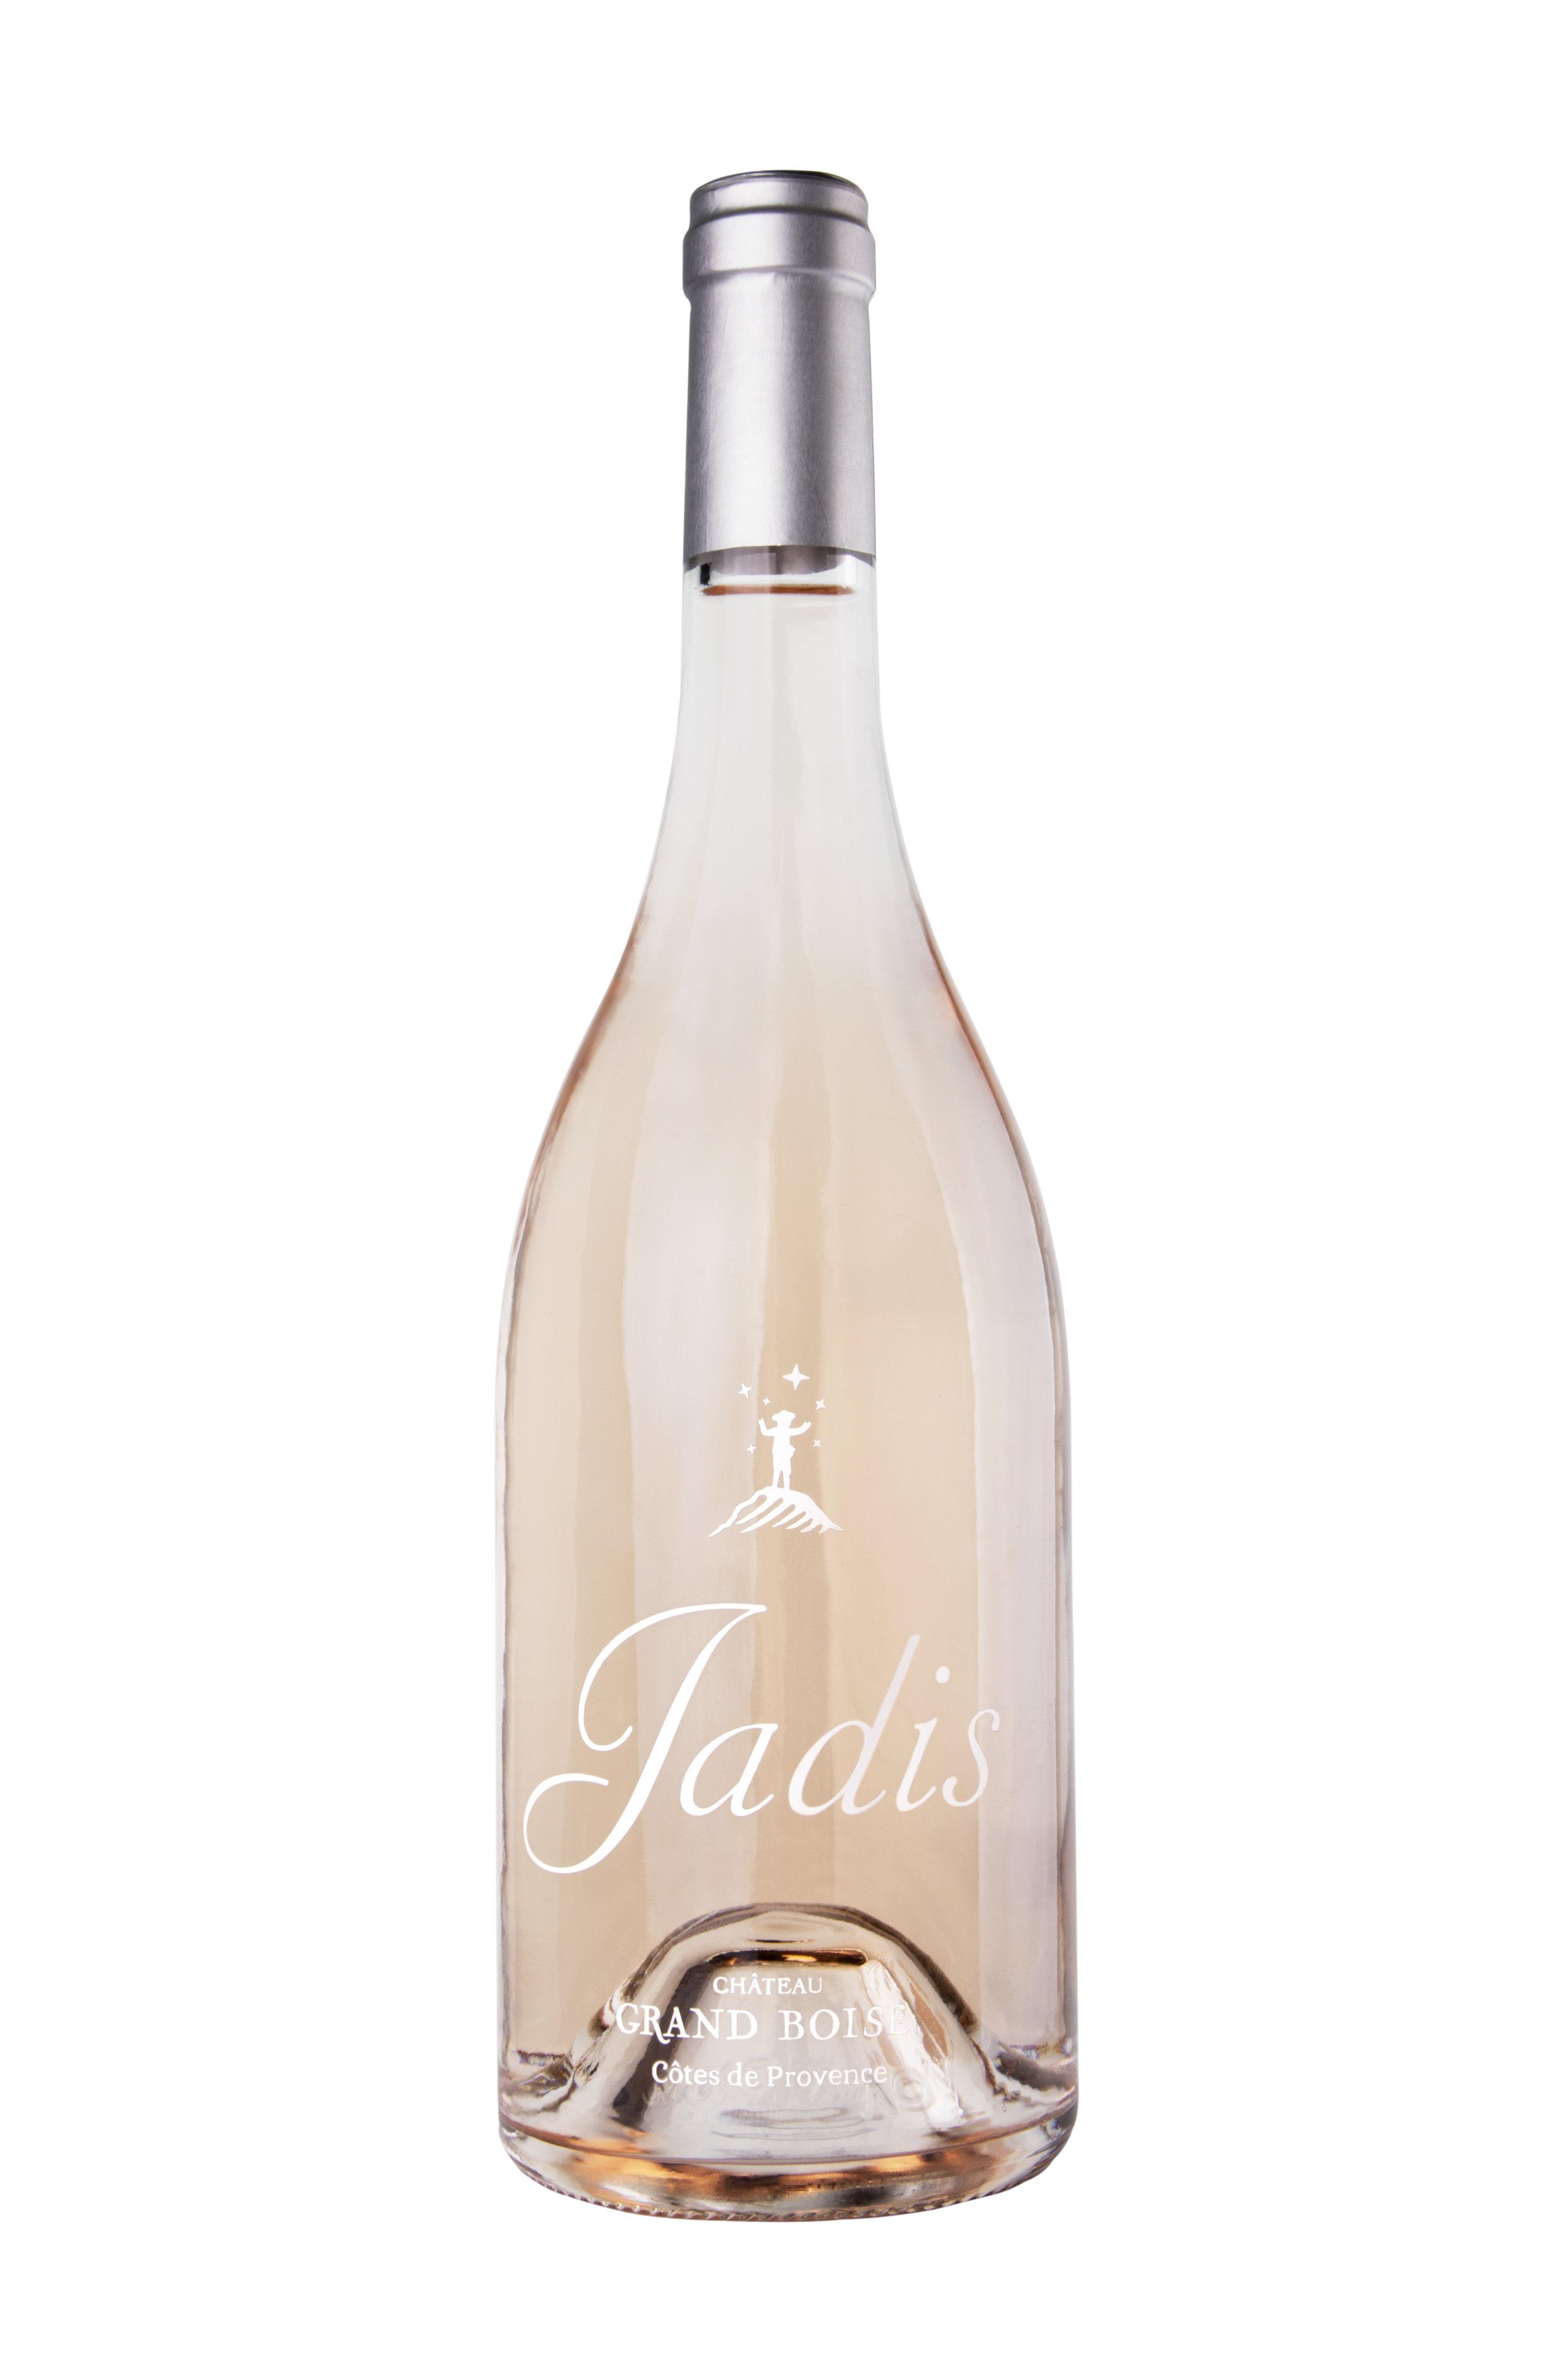 Cotes de Provence Saint Victoire Rose 'Jadis'